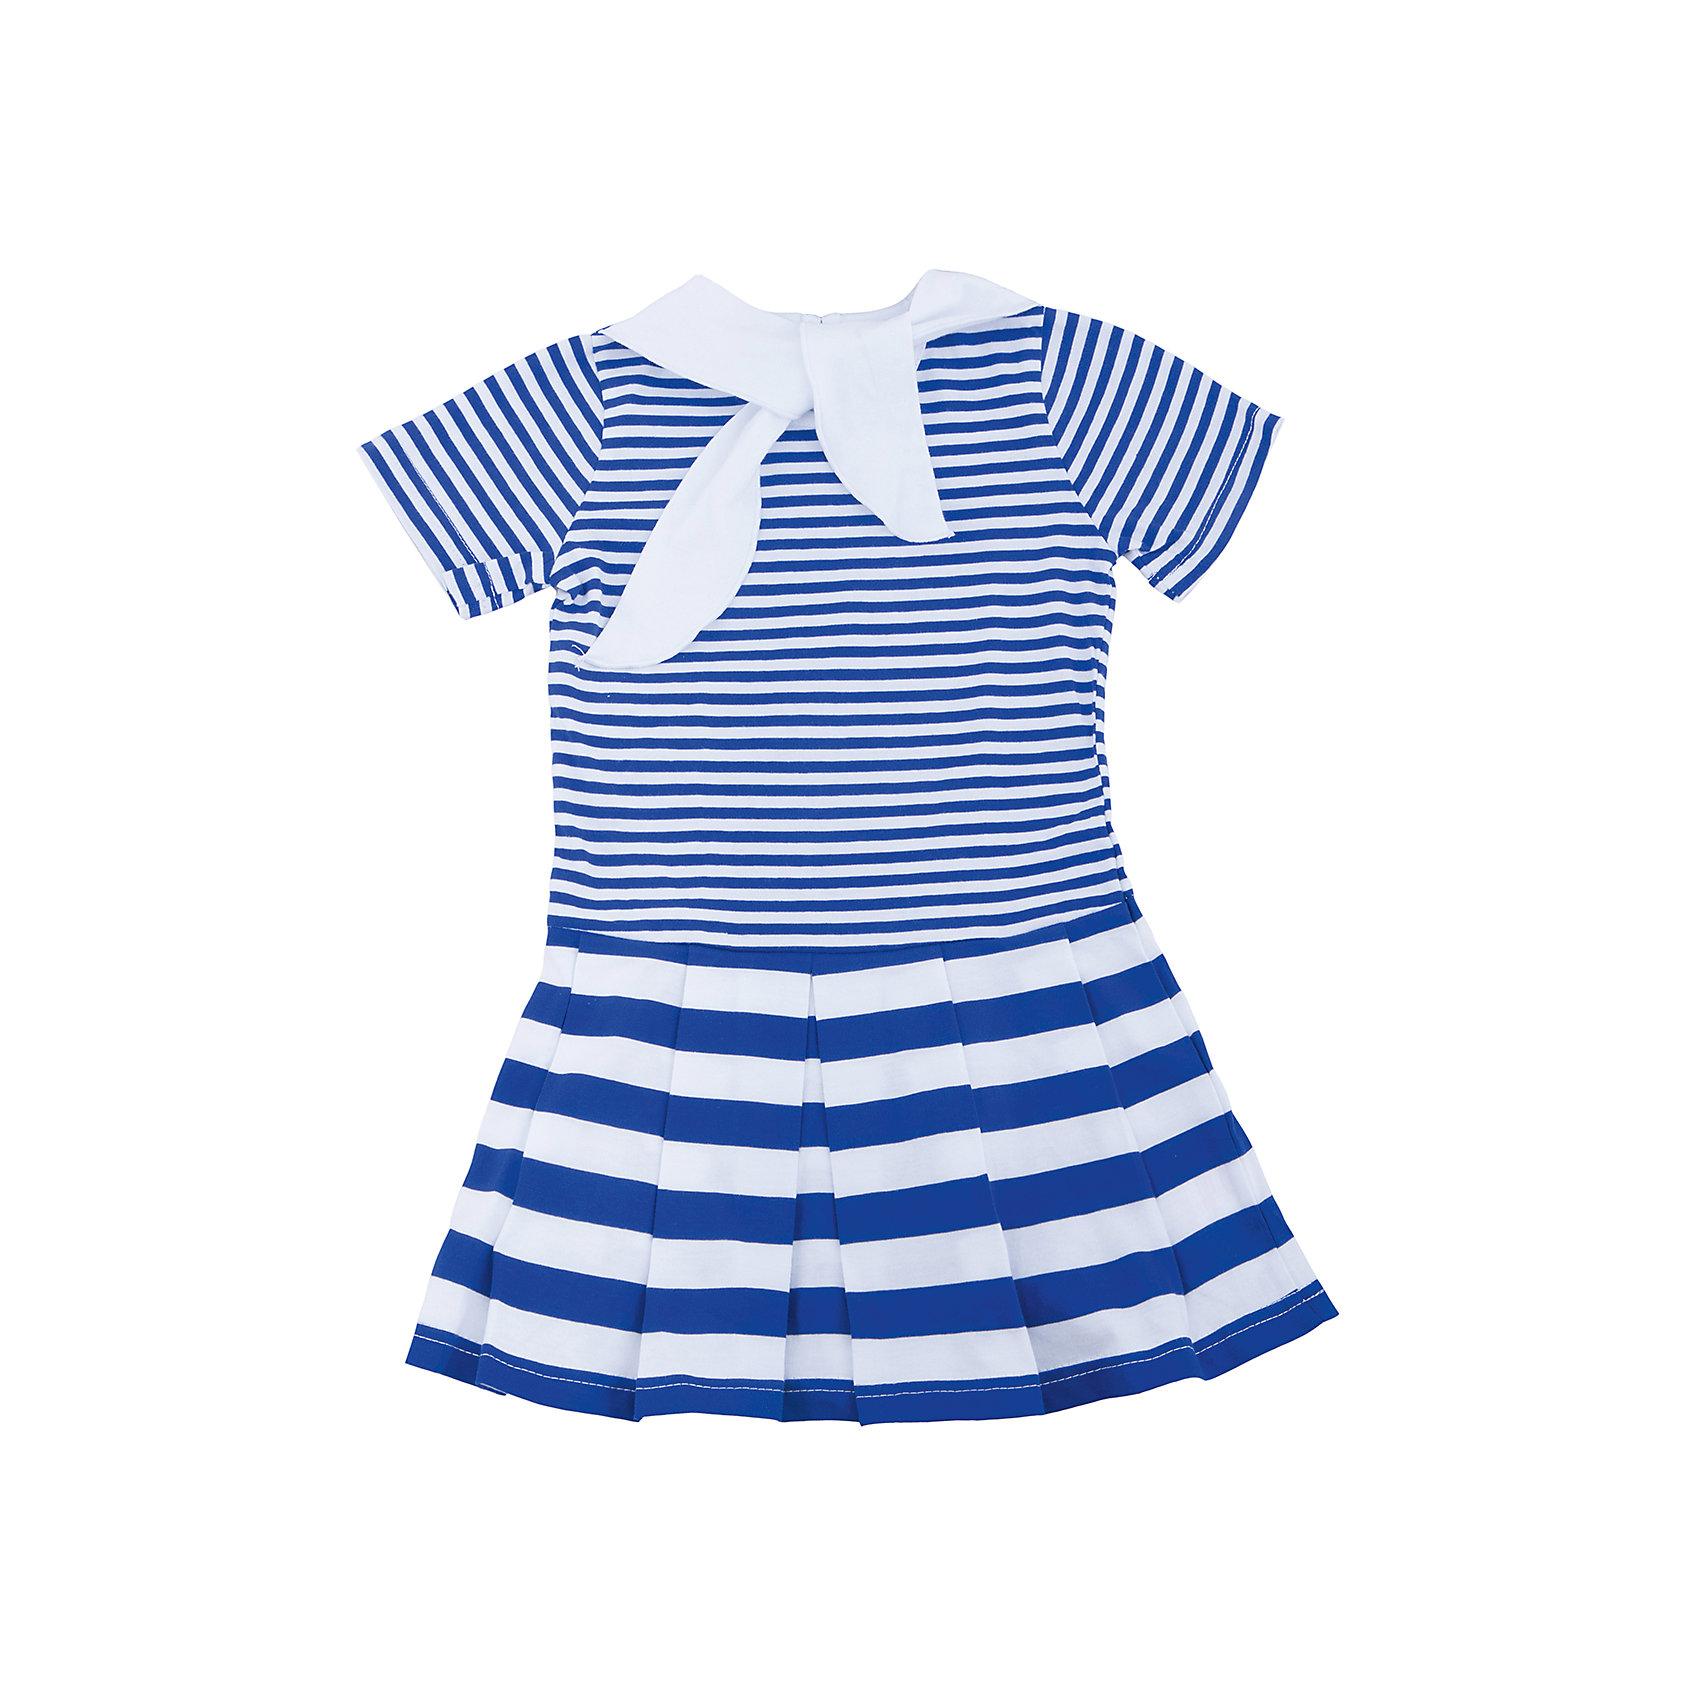 Платье для девочки АпрельПлатья<br>Характеристики товара:<br><br>• цвет: синий<br>• состав: 100% хлопок<br>• короткие рукава<br>• декоративный воротник<br>• морской стиль<br>• складки на подоле<br>• застежка: пуговица<br>• комфортная посадка<br>• страна производитель: Российская Федерация<br>• страна бренда: Российская Федерация<br><br>Это симпатичное платье - удобная и универсальная вещь, которая поможет разнообразить гардероб ребенка. Она комфортно ощущается на теле, хорошо садится по детской фигуре. Изделие отлично сочетается с различной обувью. Материал состоит из хлопка, который не вызывает аллергии и позволяет коже дышать.<br><br>Платье для девочки от известного бренда Апрель можно купить в нашем интернет-магазине.<br><br>Ширина мм: 236<br>Глубина мм: 16<br>Высота мм: 184<br>Вес г: 177<br>Цвет: синий<br>Возраст от месяцев: 24<br>Возраст до месяцев: 36<br>Пол: Женский<br>Возраст: Детский<br>Размер: 98,92<br>SKU: 5438509